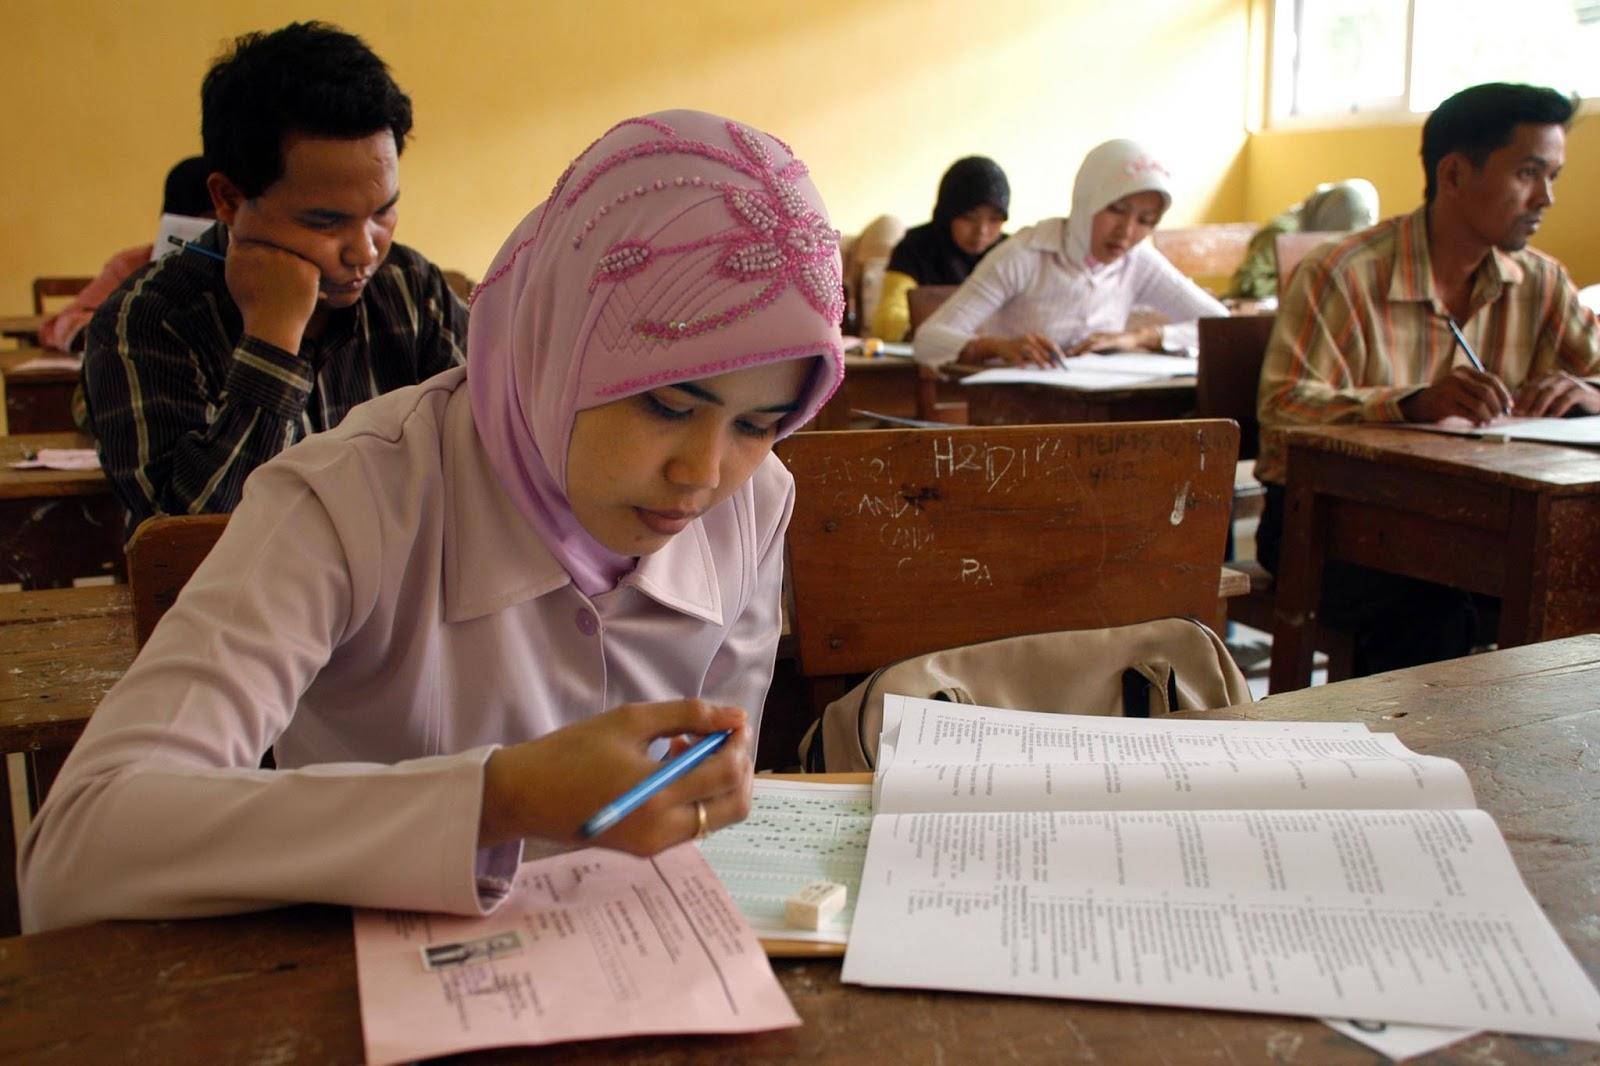 Lowongan Kerja Guru Kota Medan 2013 Informasi Lowongan Kerja Loker Terbaru 2016 2017 Lowongan Kerja Terbaru Juli 2015 Bank Cpns Bumn Guru Share The